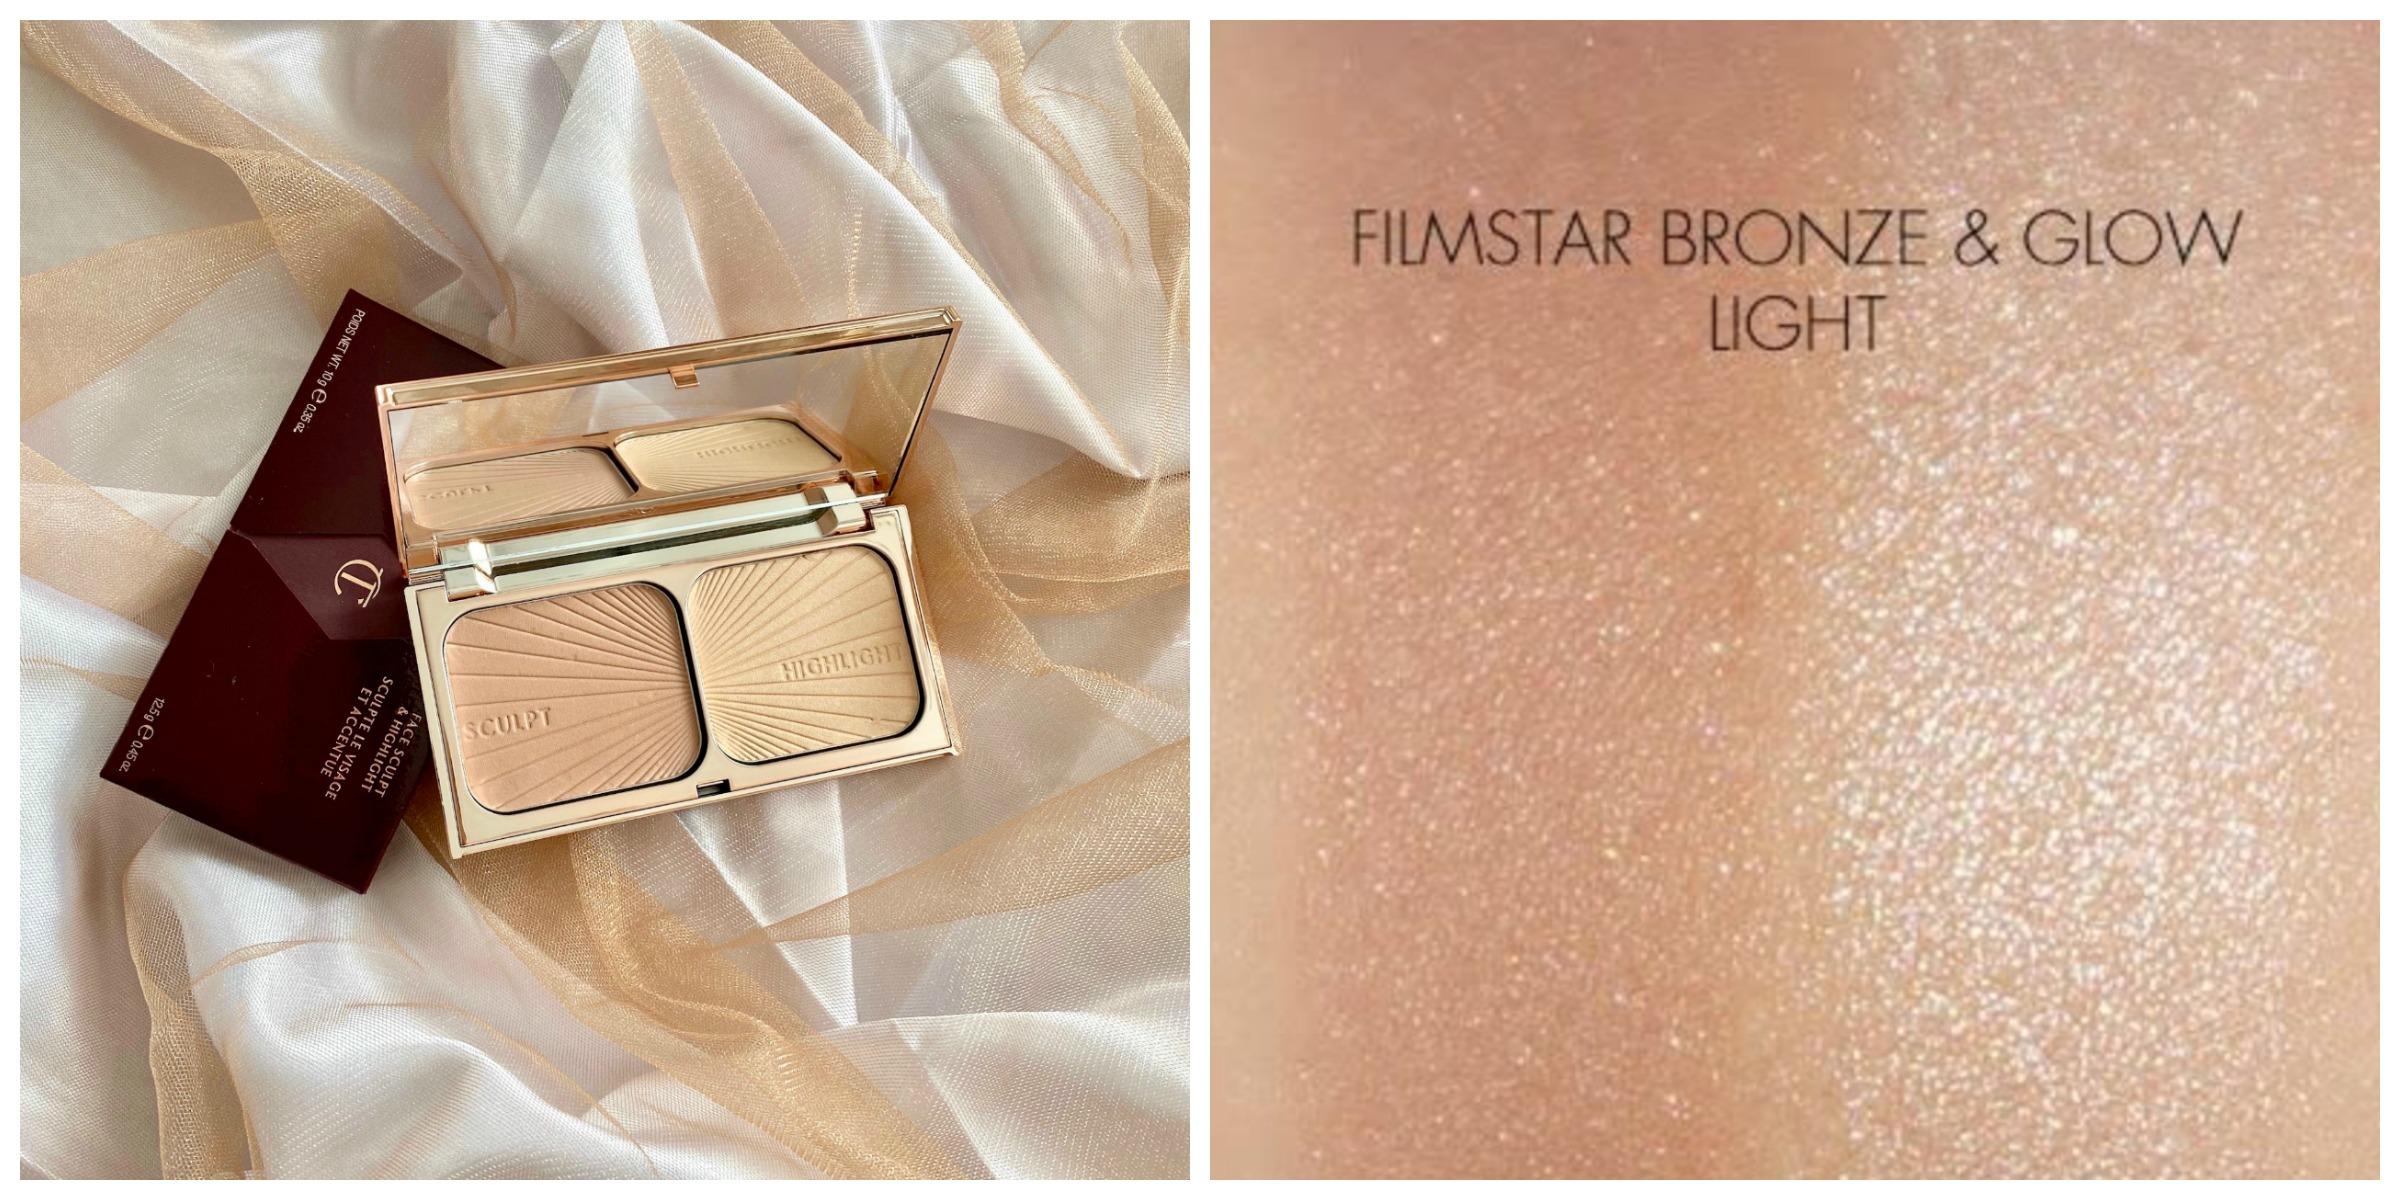 Filmstar Bronze & Glow palette